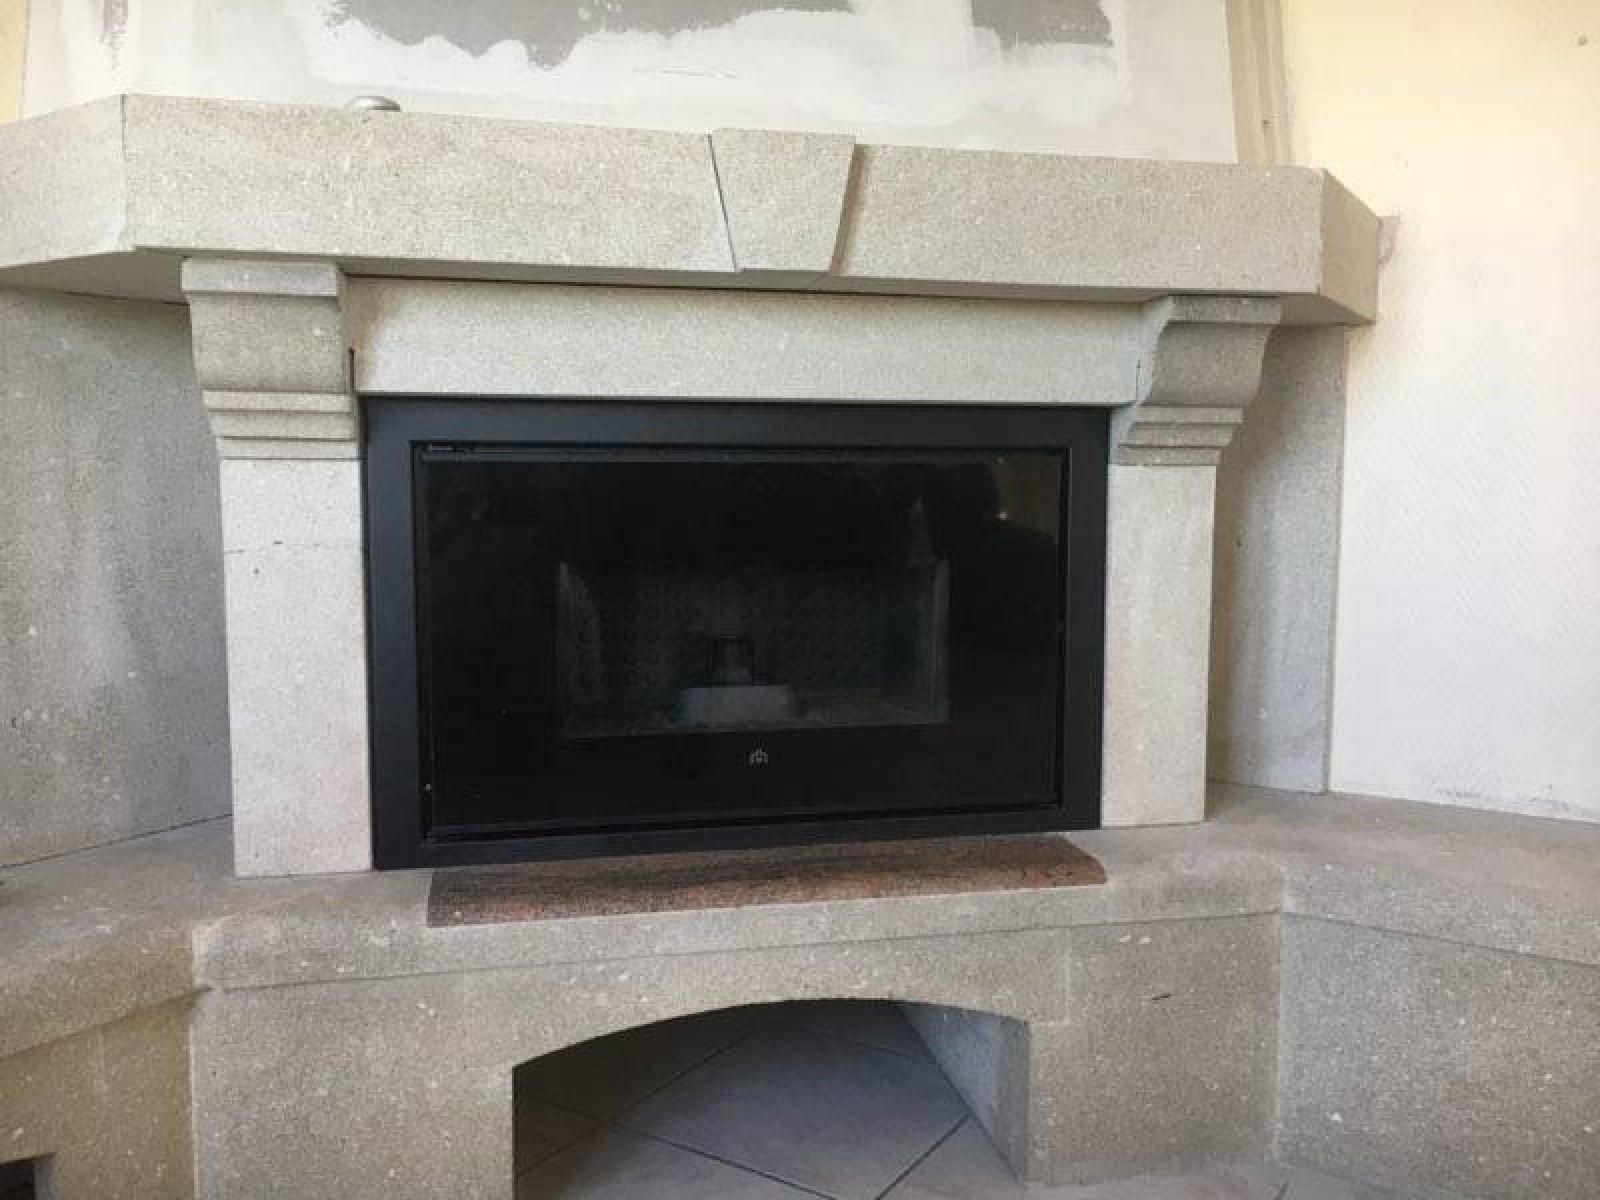 Salon Du Poele A Granule installation d'un insert à granulés dans une cheminée